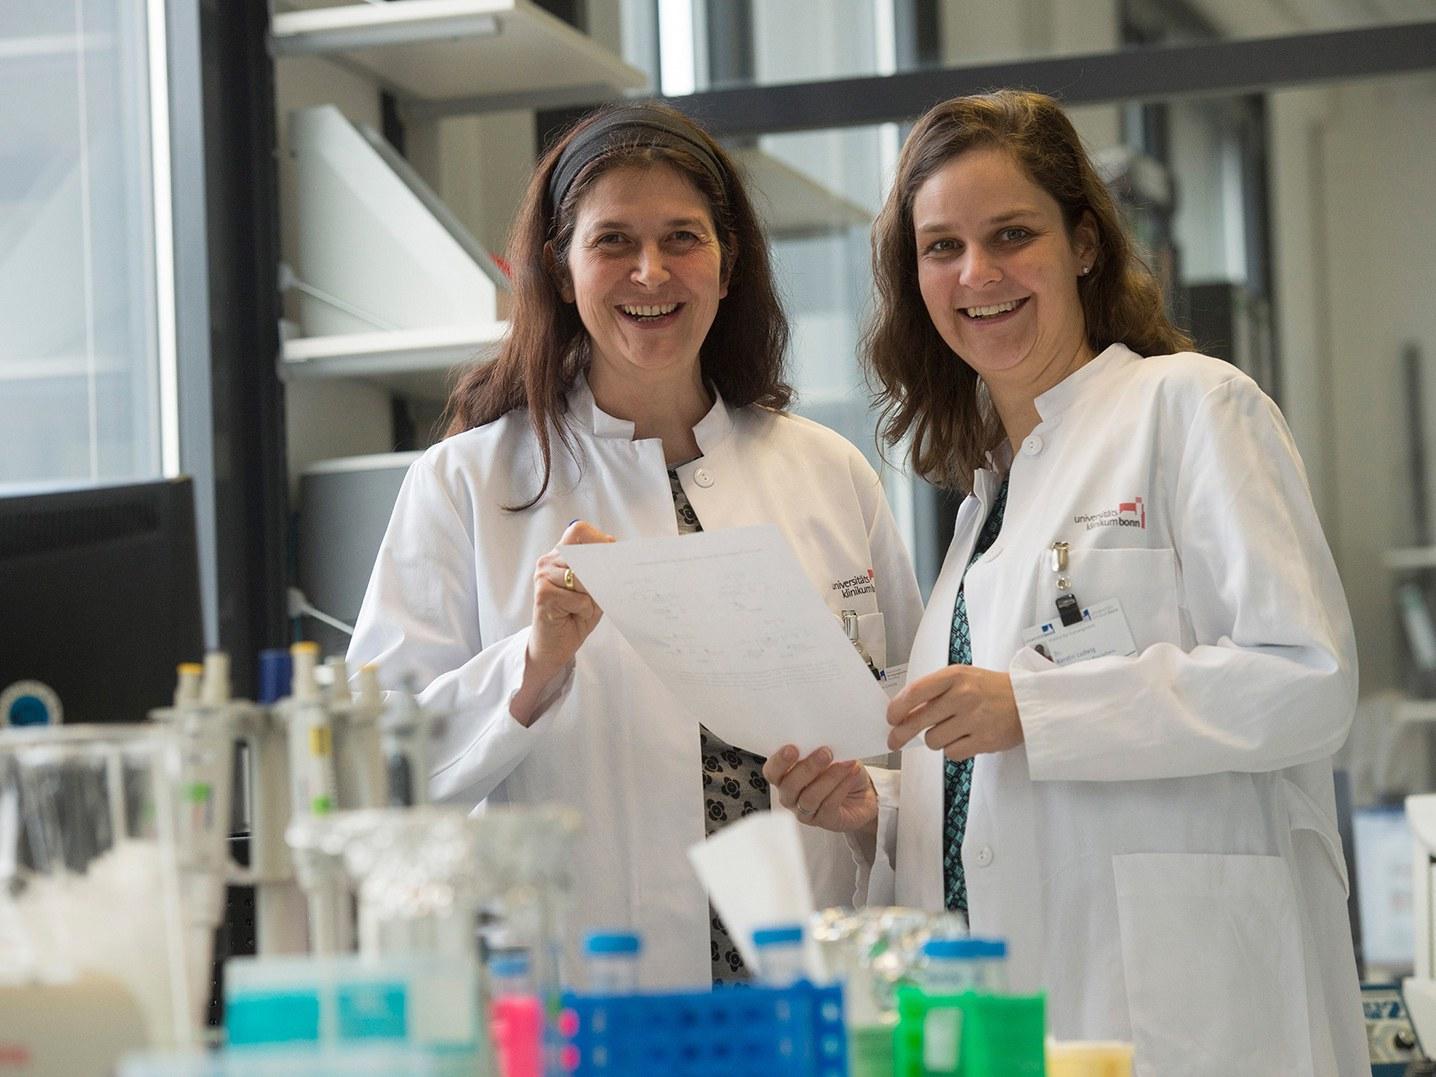 Privatdozentin Dr. med. Elisabeth Mangold (links) und Dr. Kerstin U. Ludwig (rechts)